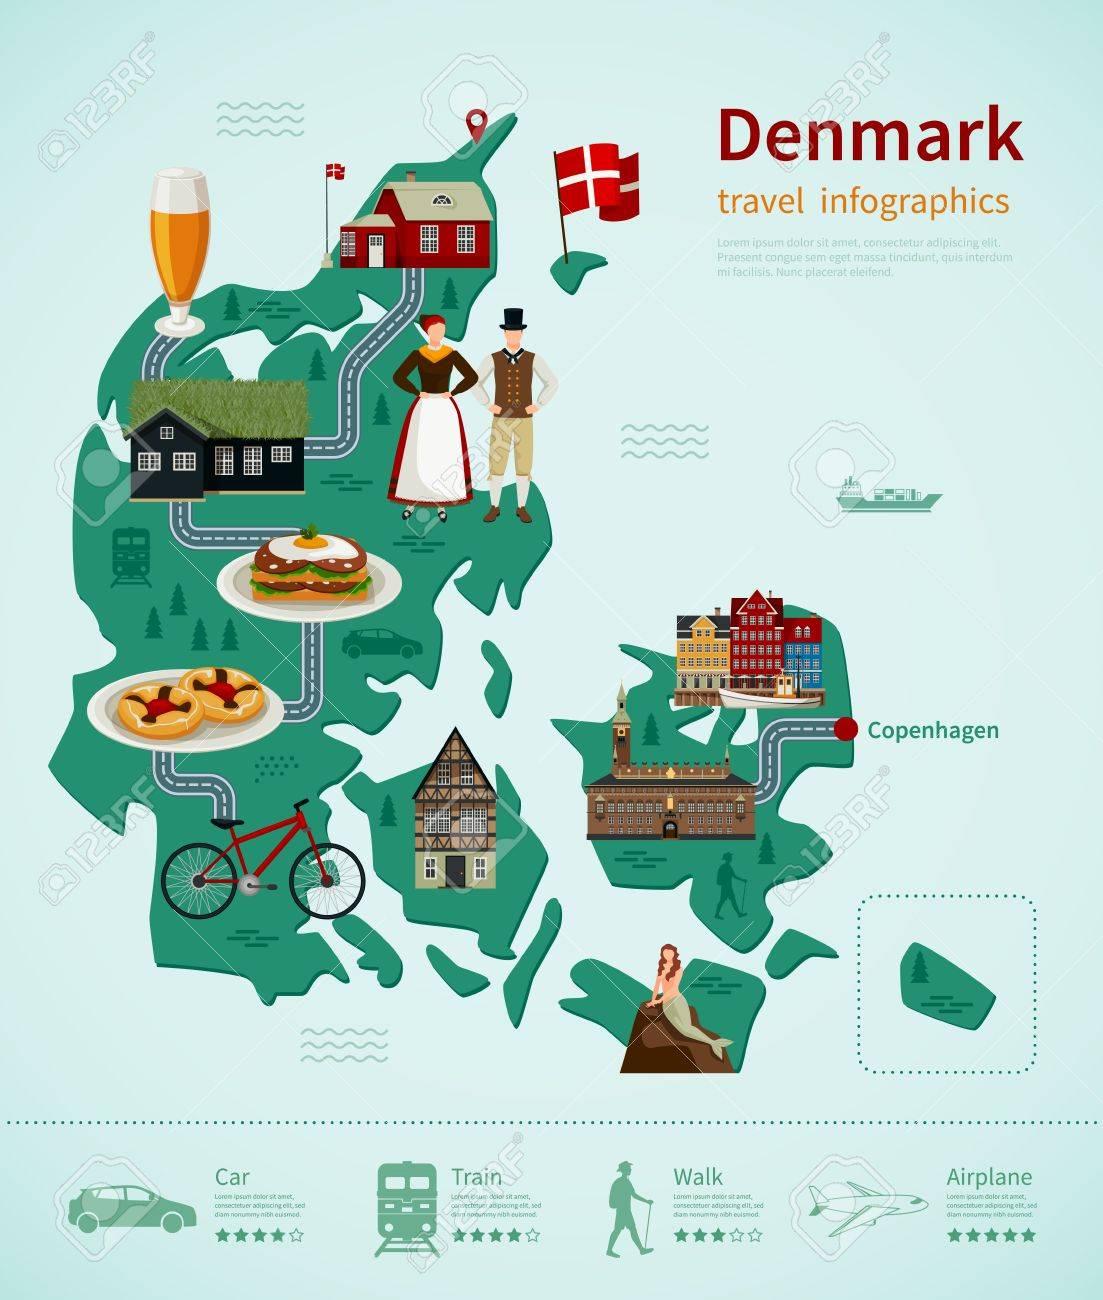 dänemark sehenswürdigkeiten karte Dänemark Reiseinfografiken Mit Karte Traditionelle Küche  dänemark sehenswürdigkeiten karte